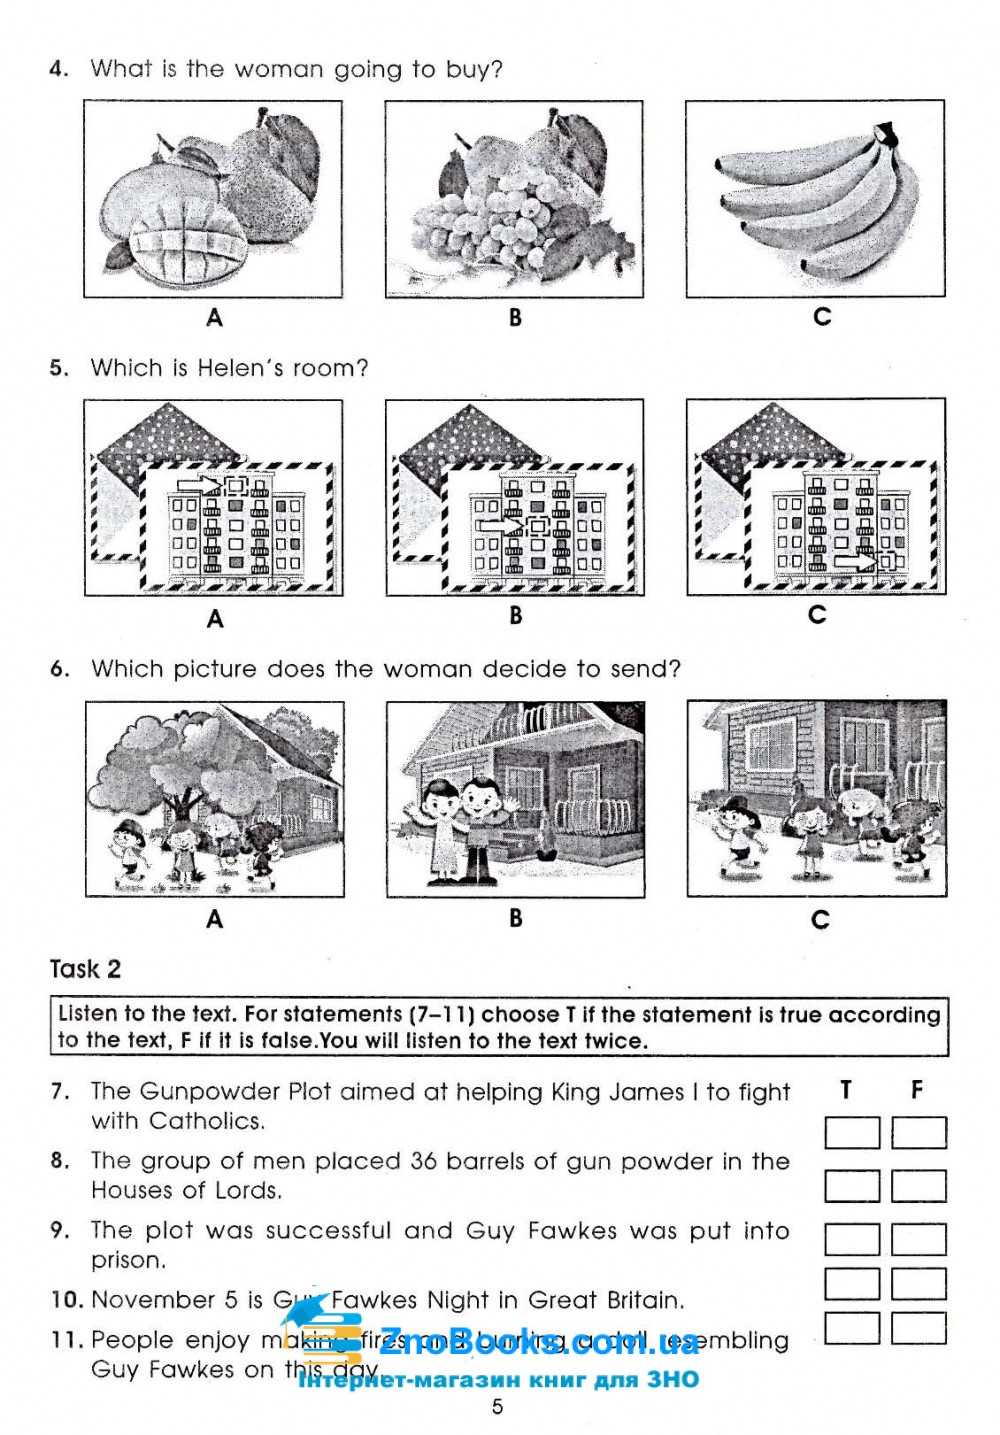 Англійська мова (Exam Support). Тестові завдання у форматі ЗНО та ДПА 2019. купити 5